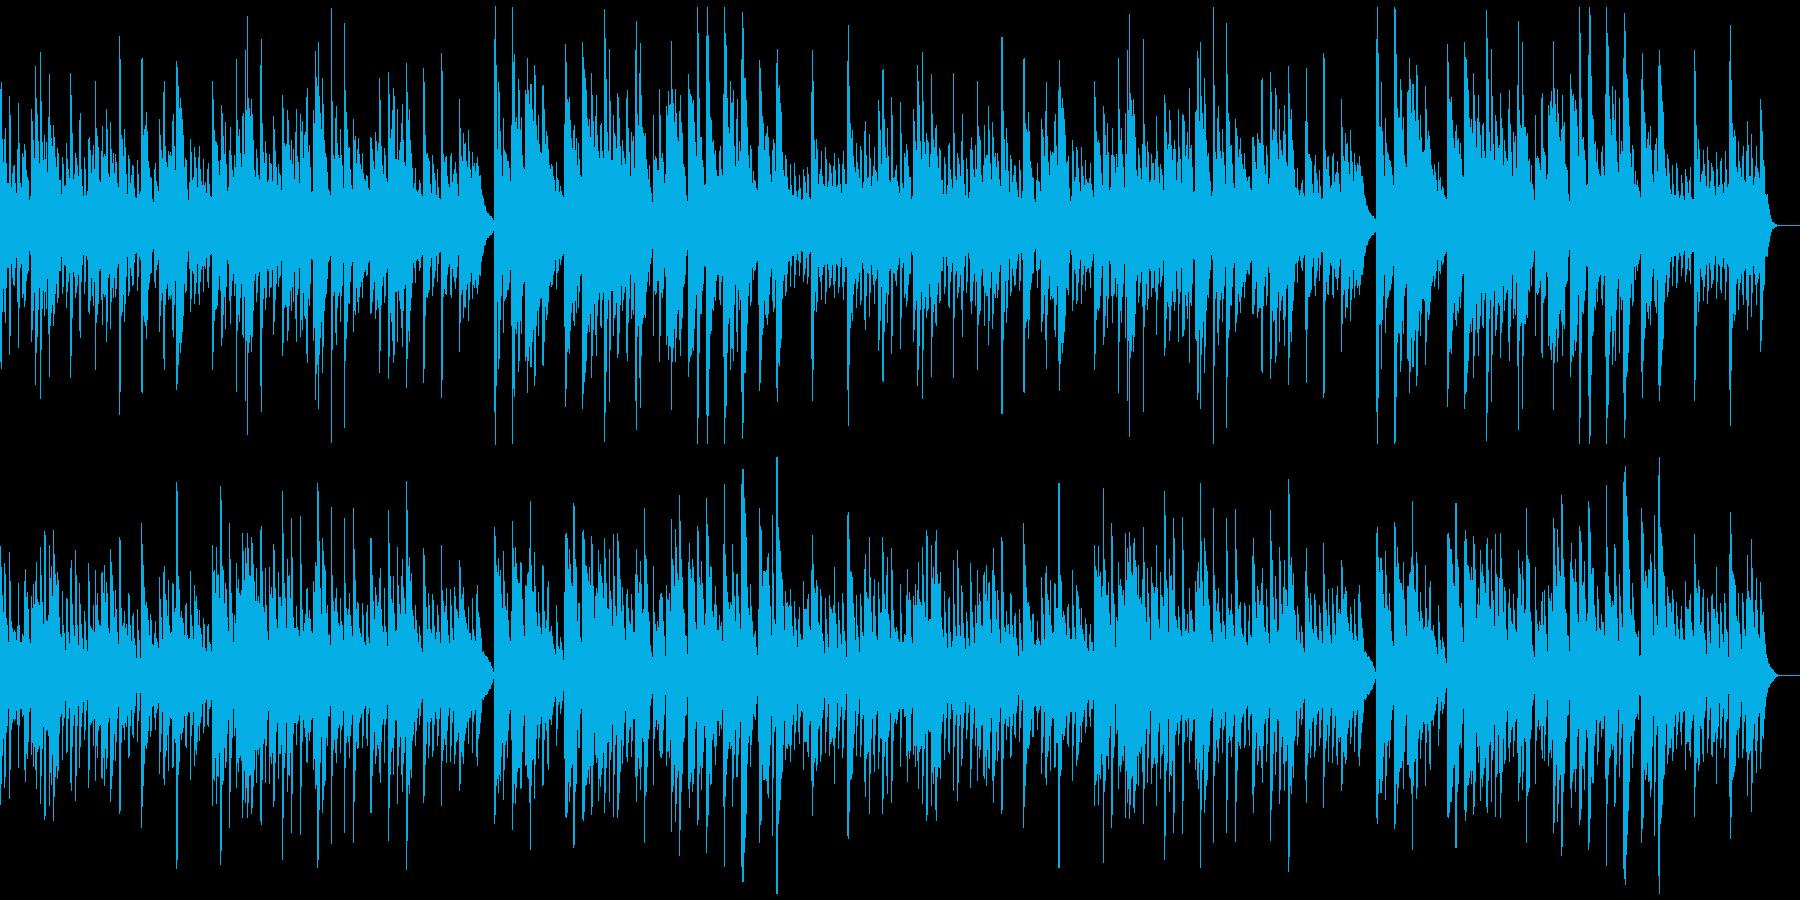 ほんわかした温もりのあるソロ・ピアノ曲の再生済みの波形